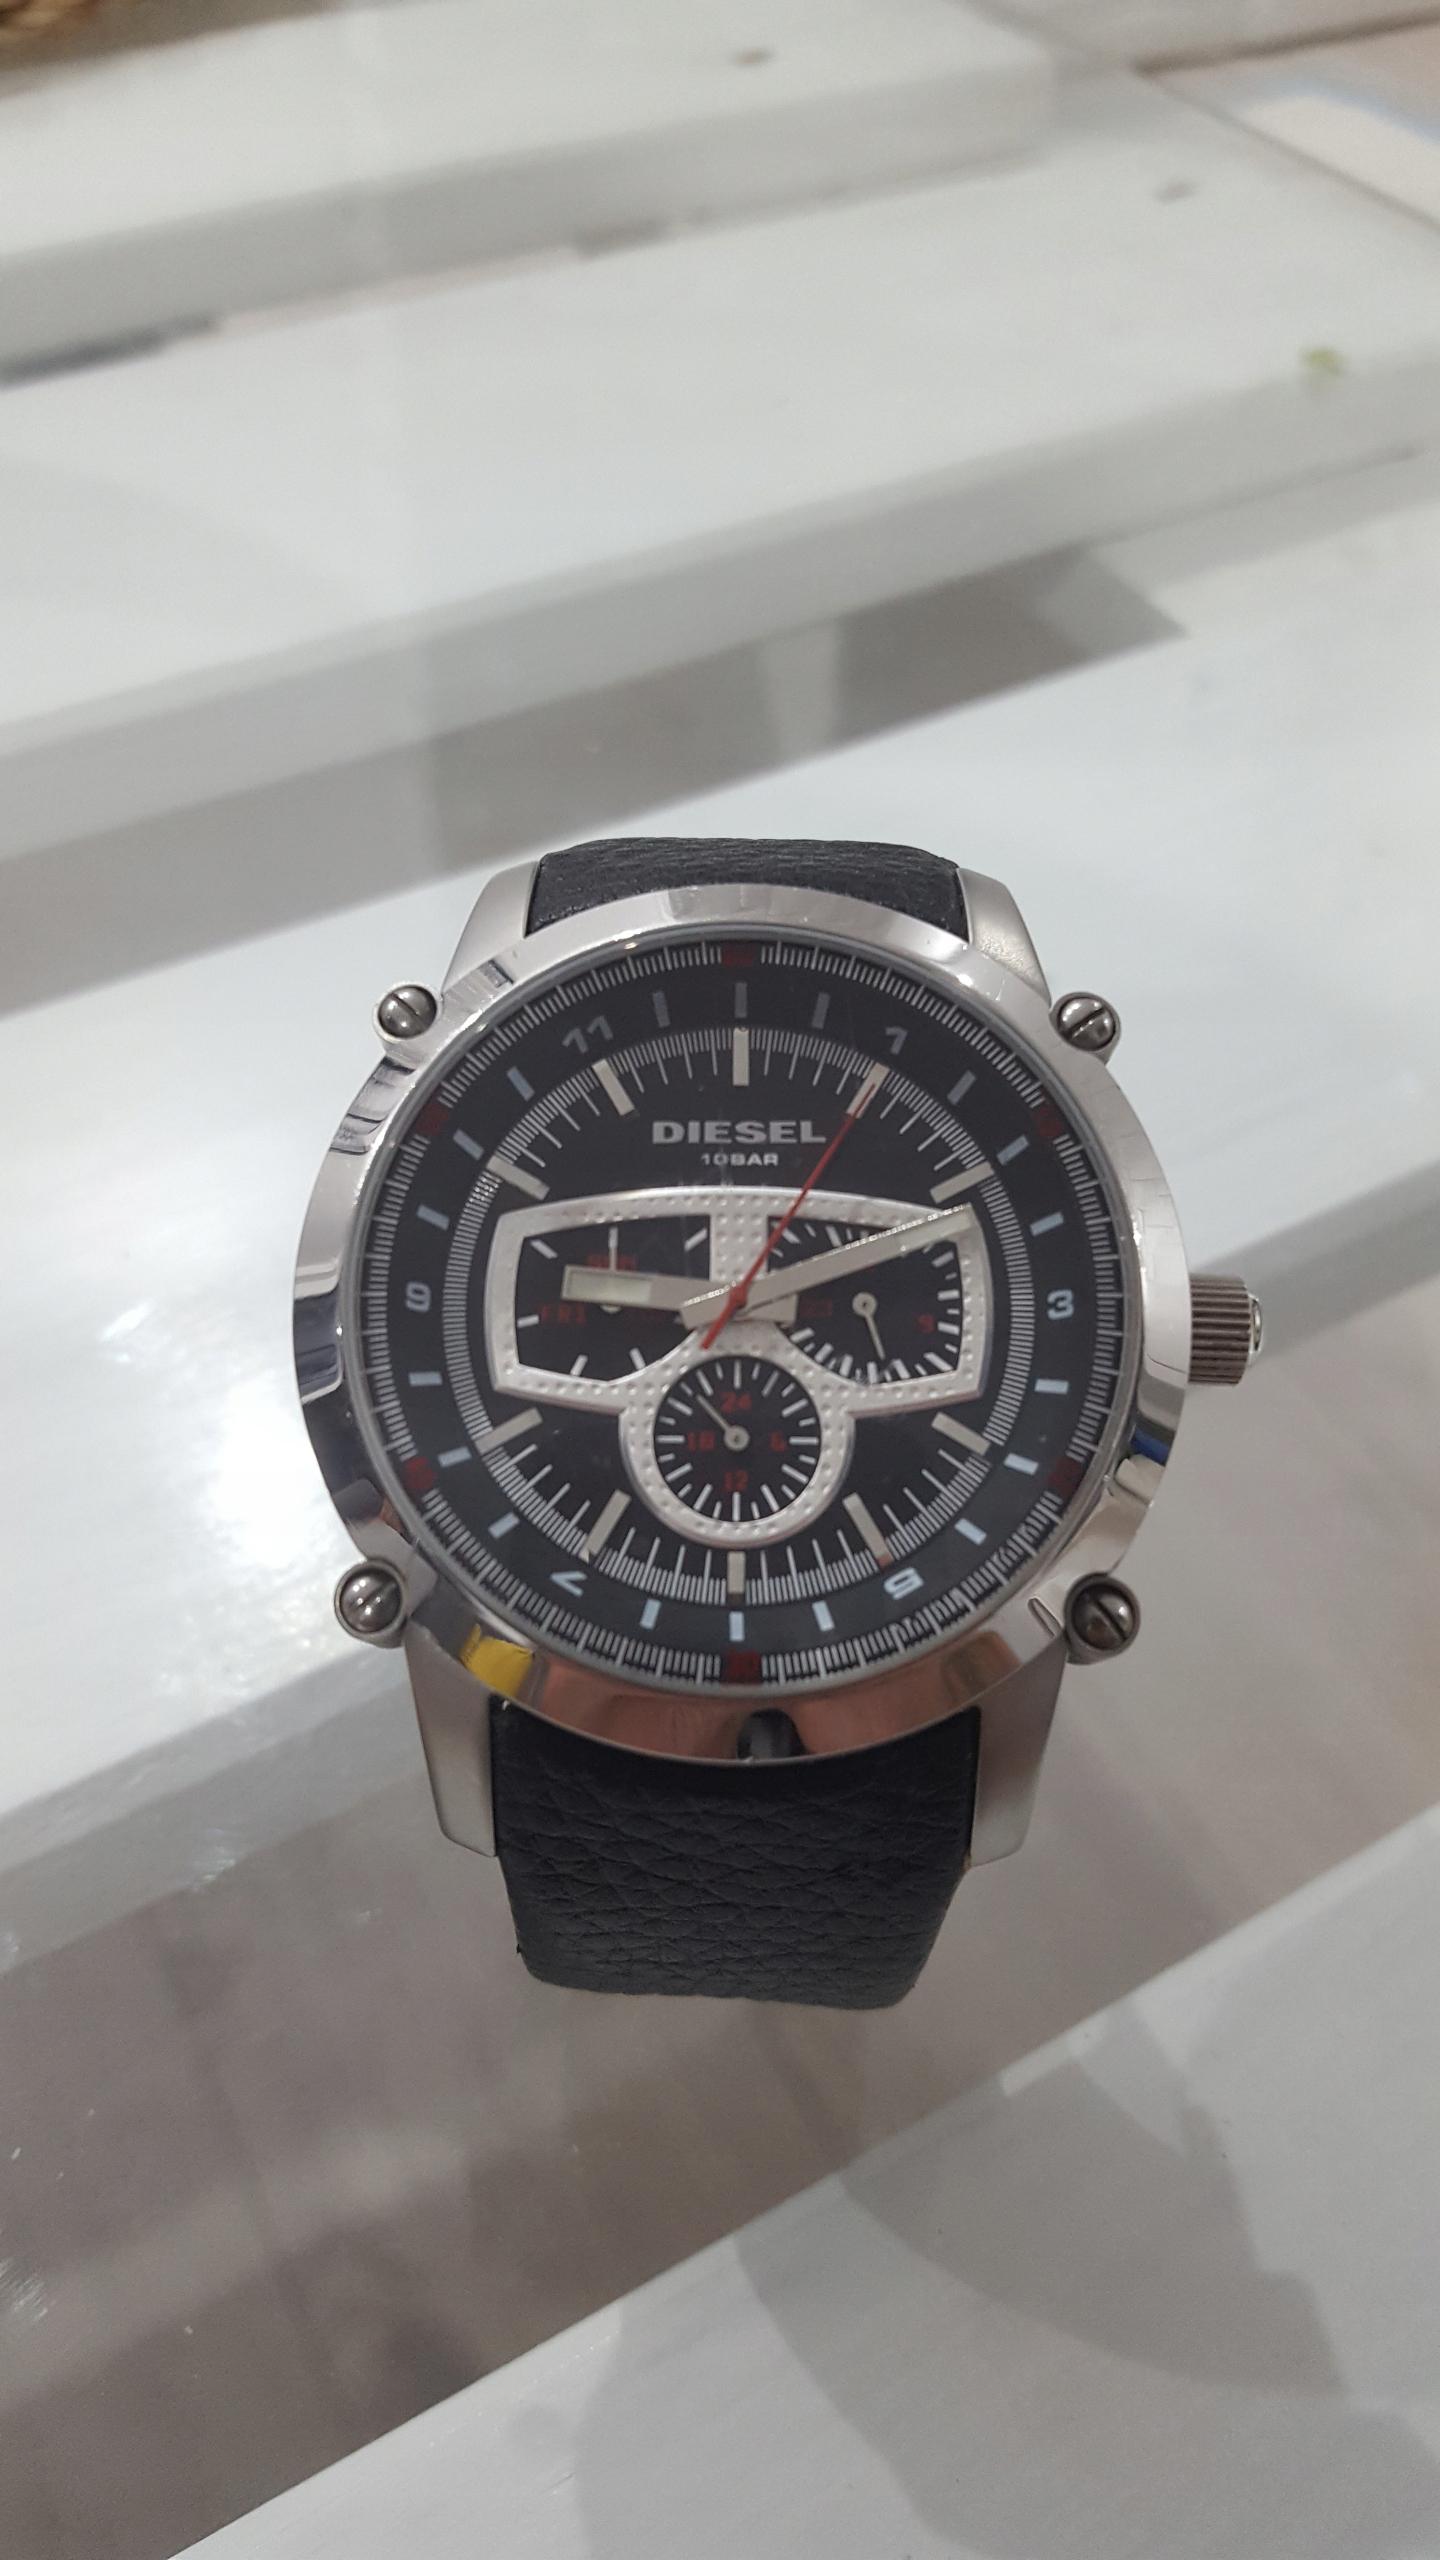 Zegarek DIESEL DZ 4150